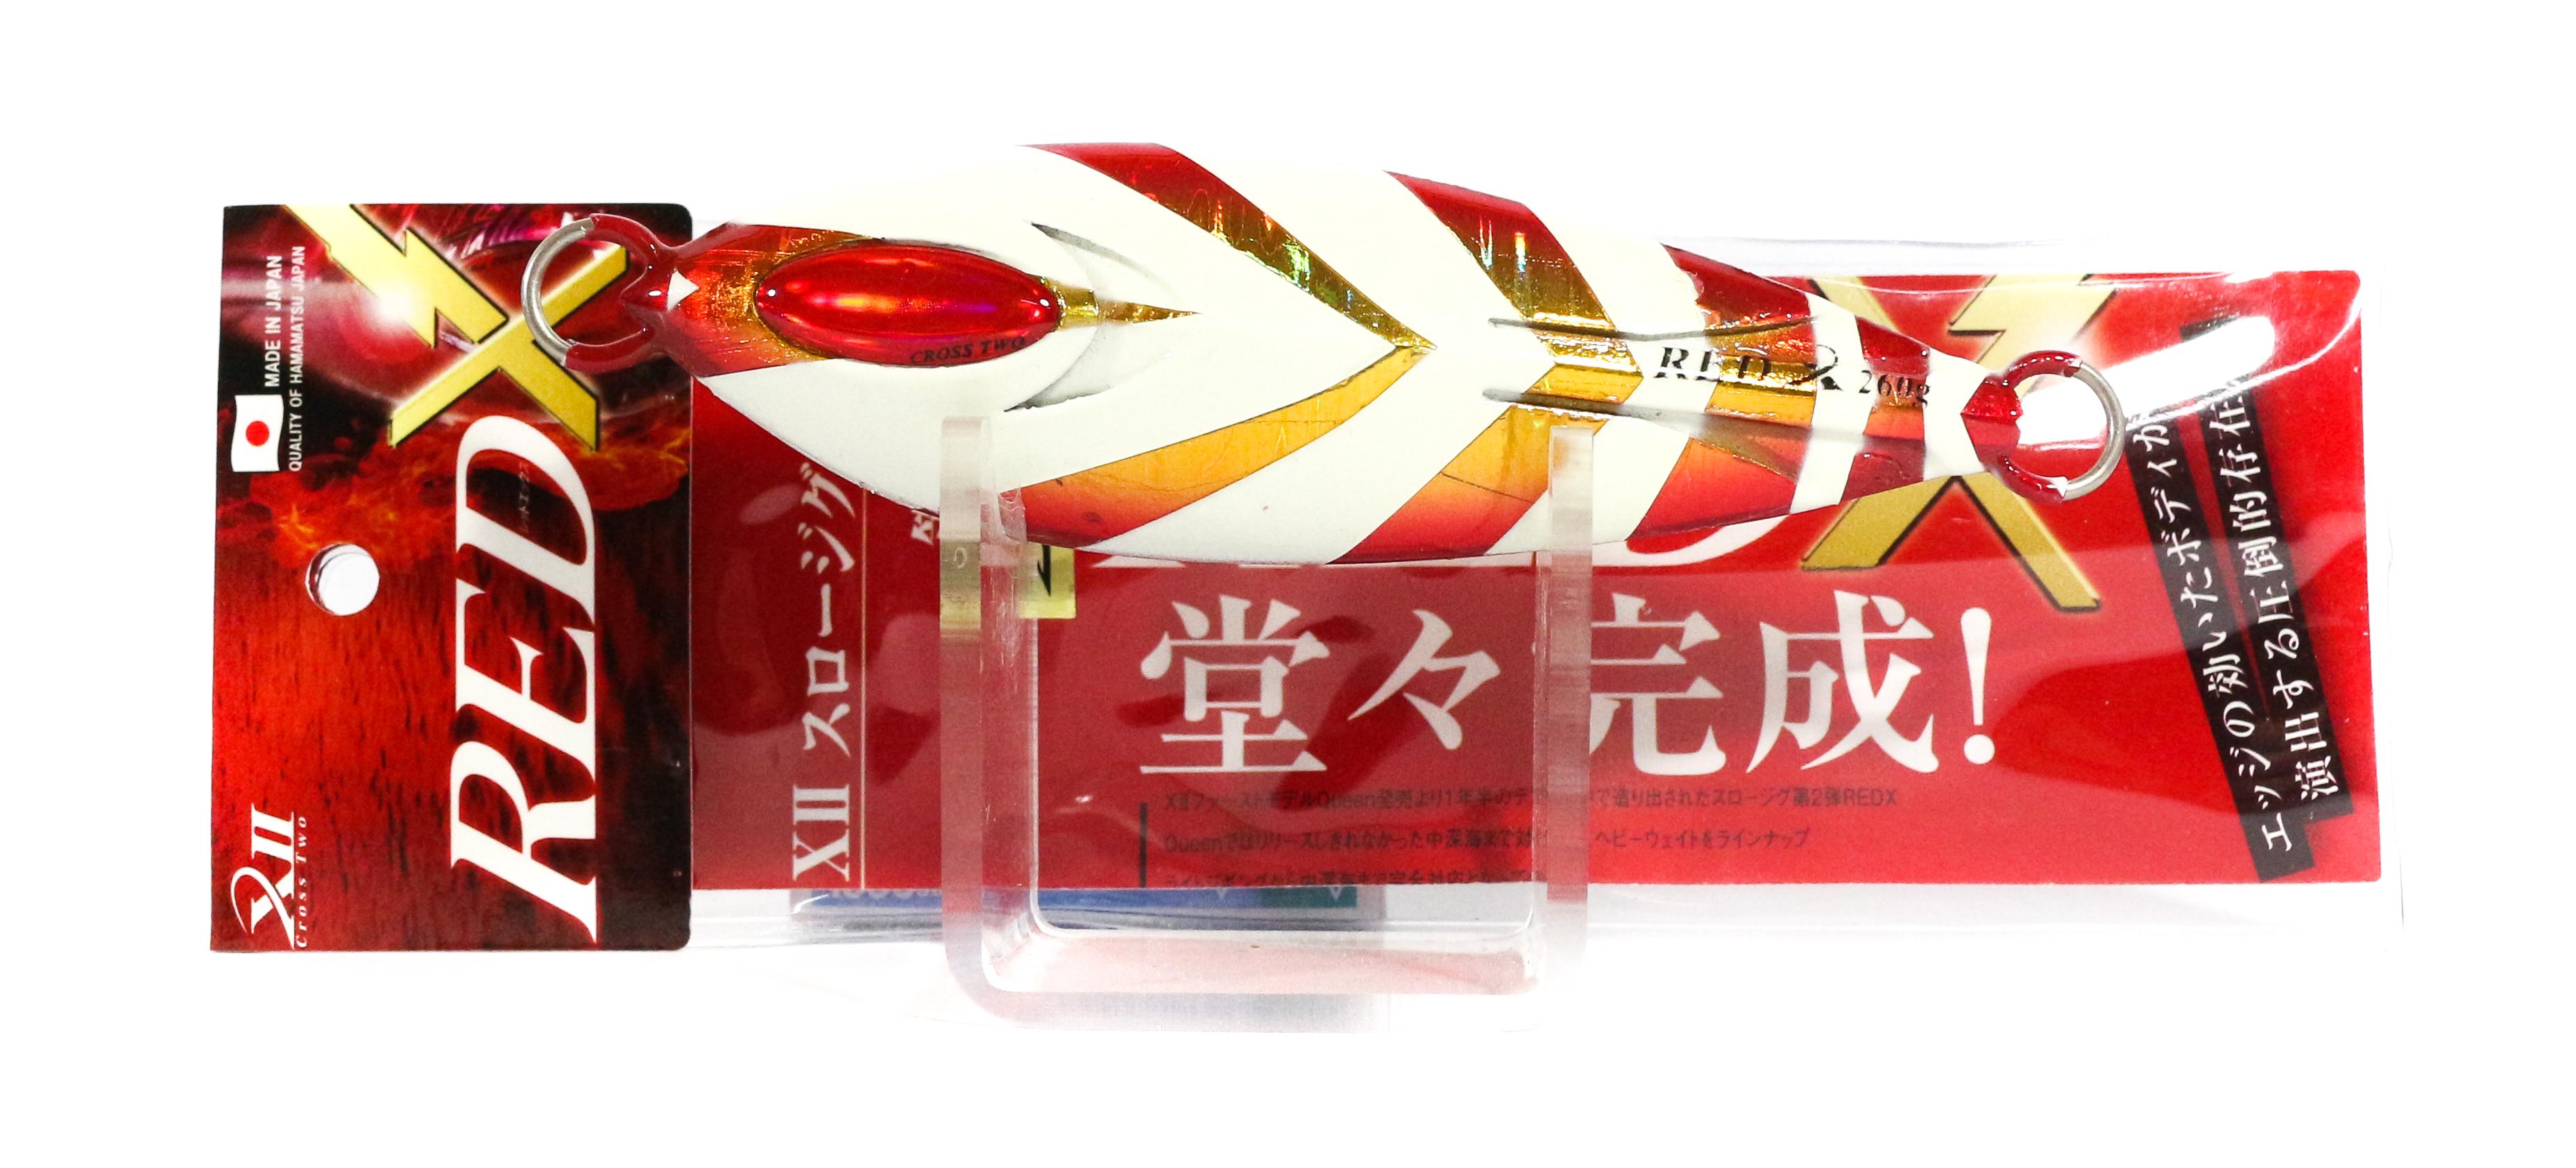 Sale Cross 2 Metal Jig Red X Slow 200 grams Akakin Zebra Glow (0191)